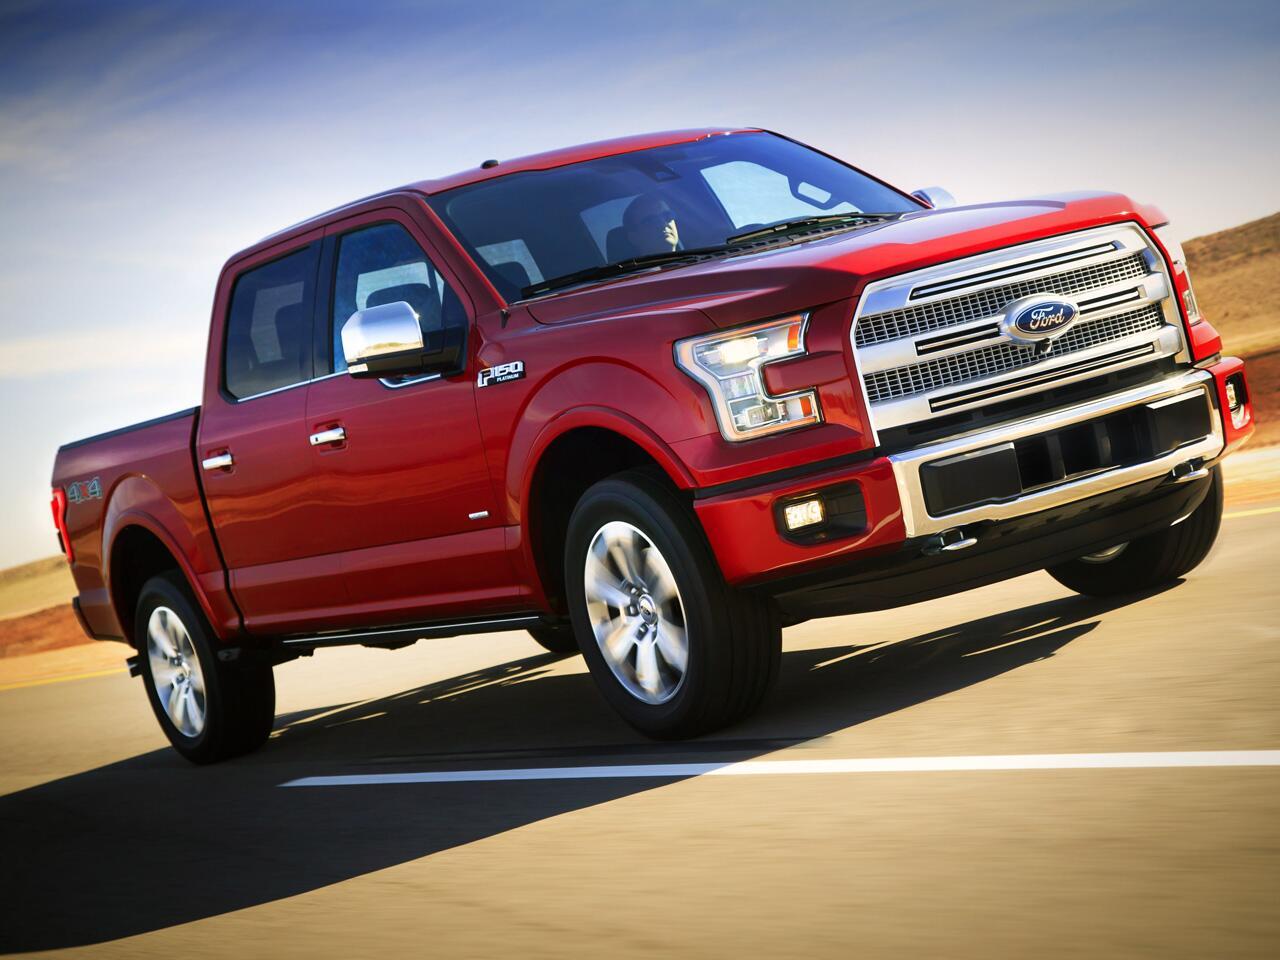 Bild zu Giganten der Straße: In den USA sind die größten SUVs und Pick-ups unterwegs